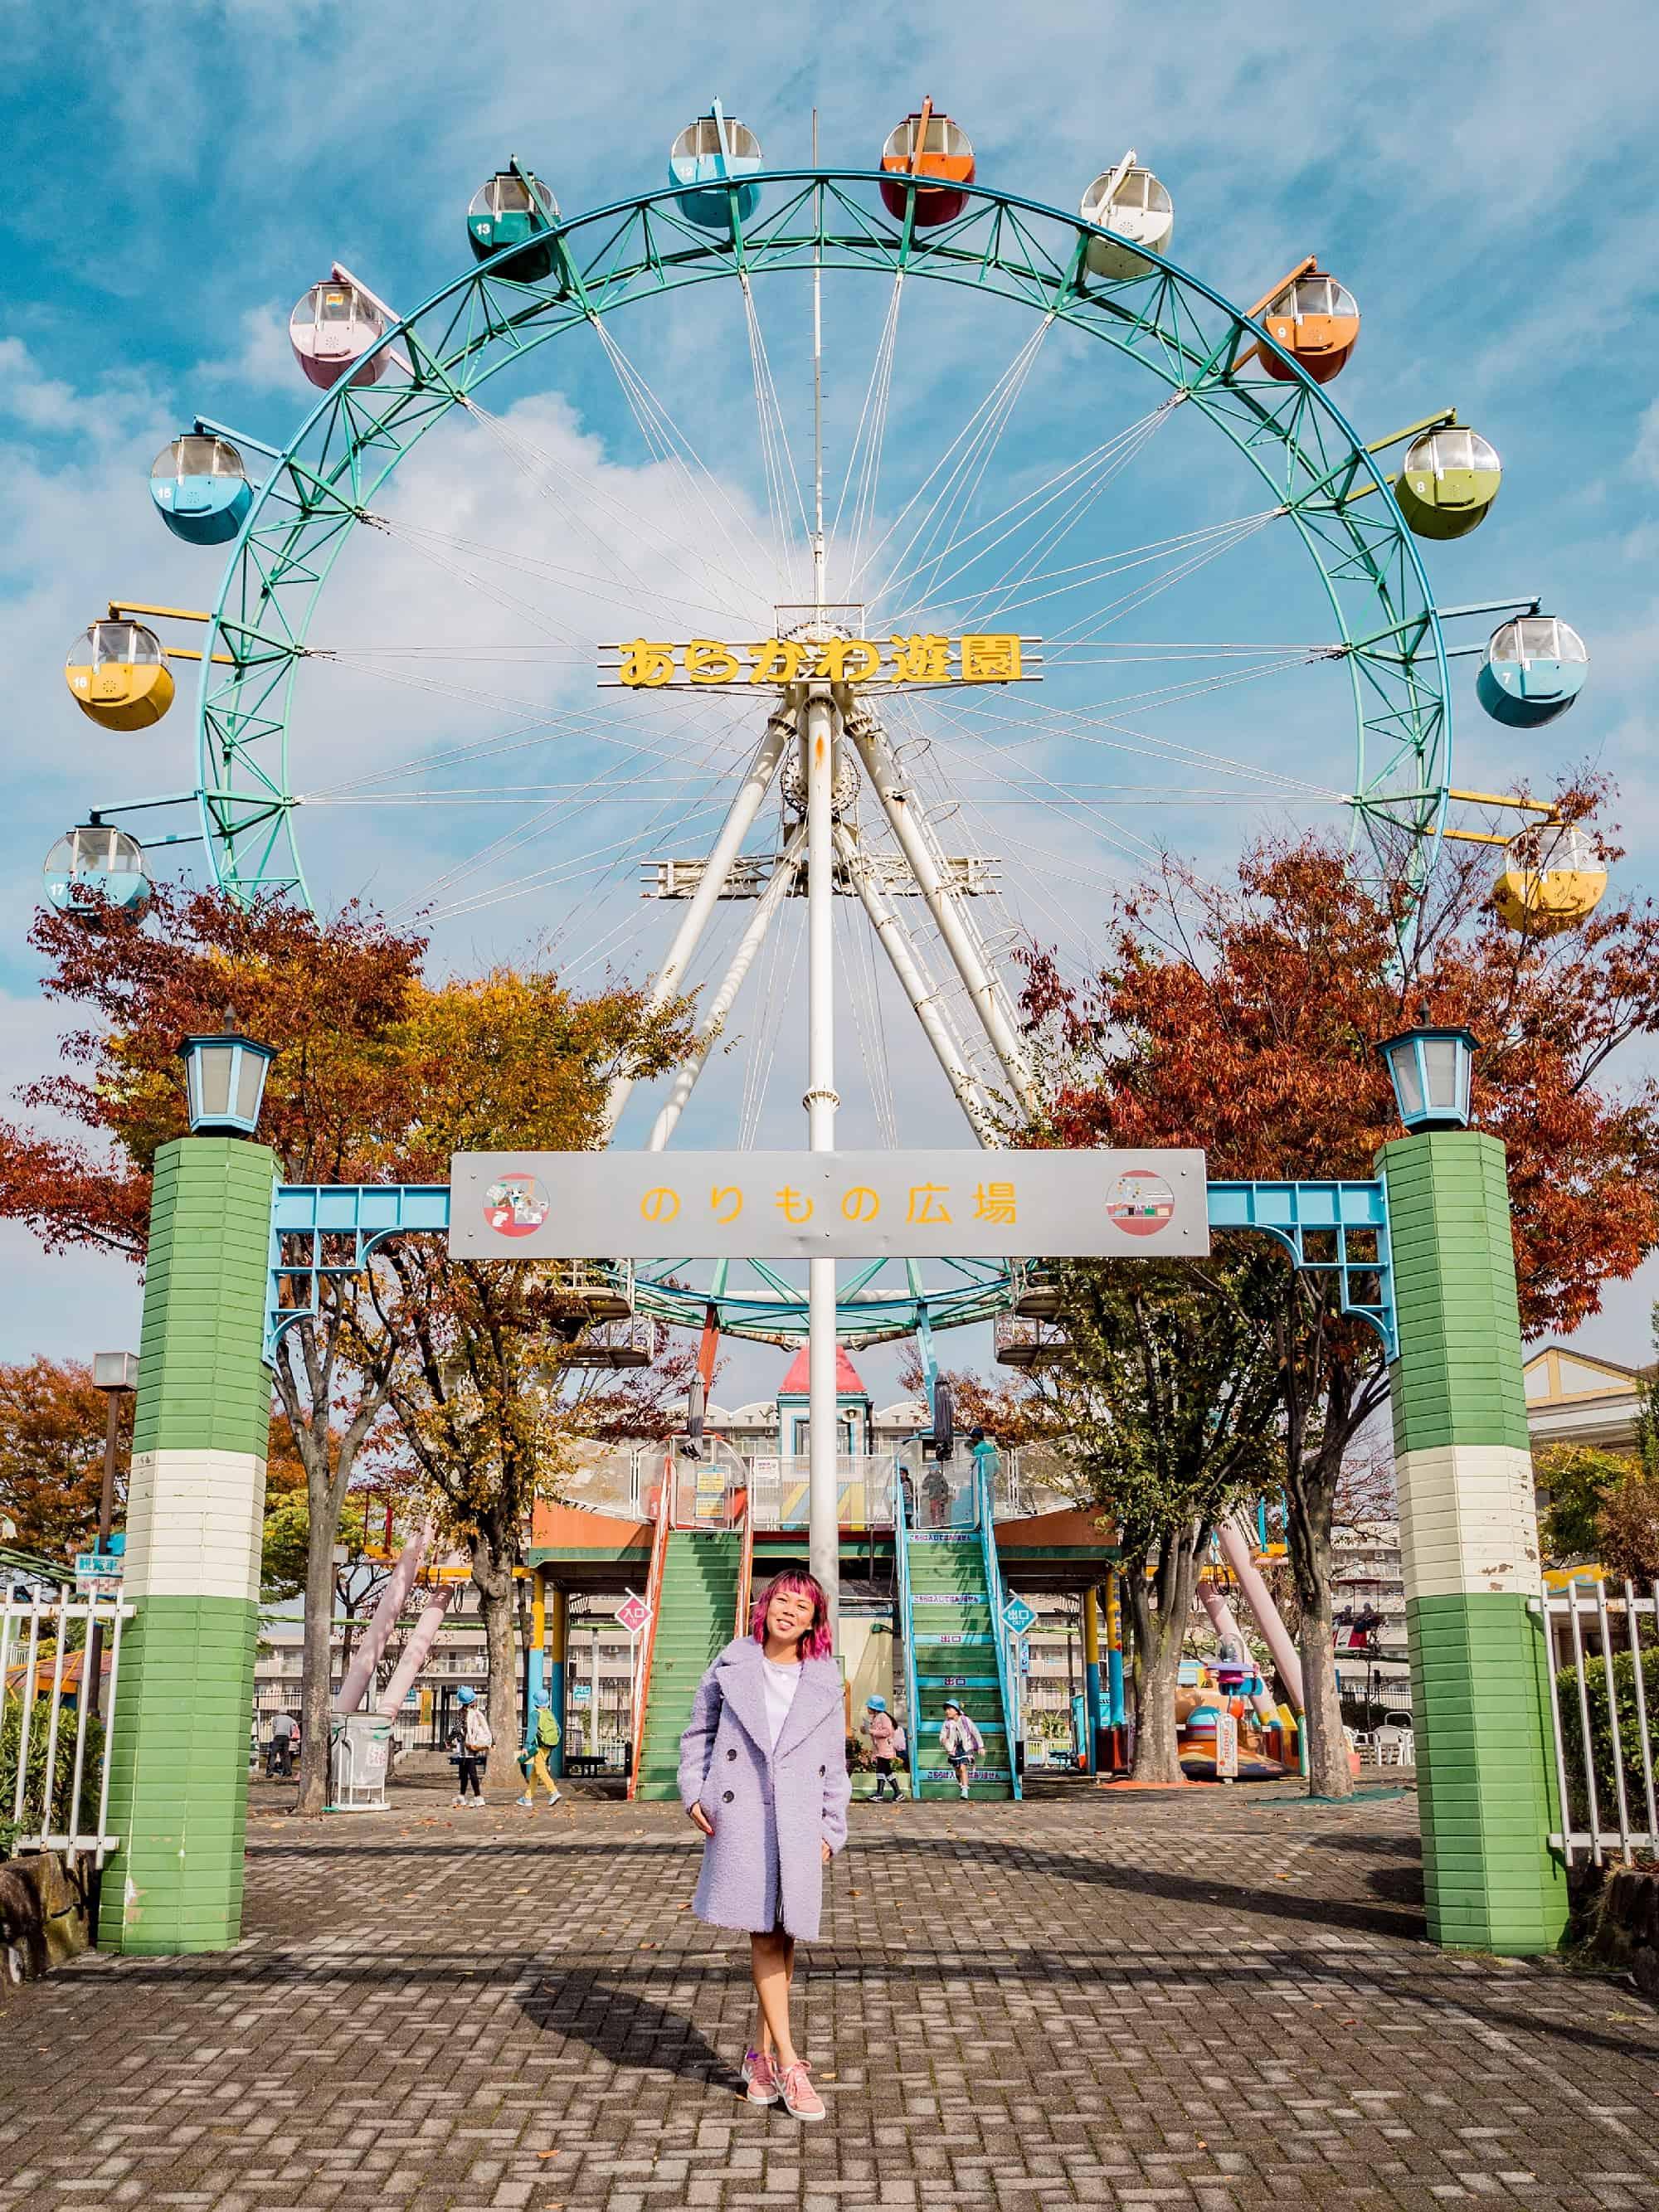 arakawa amusement park